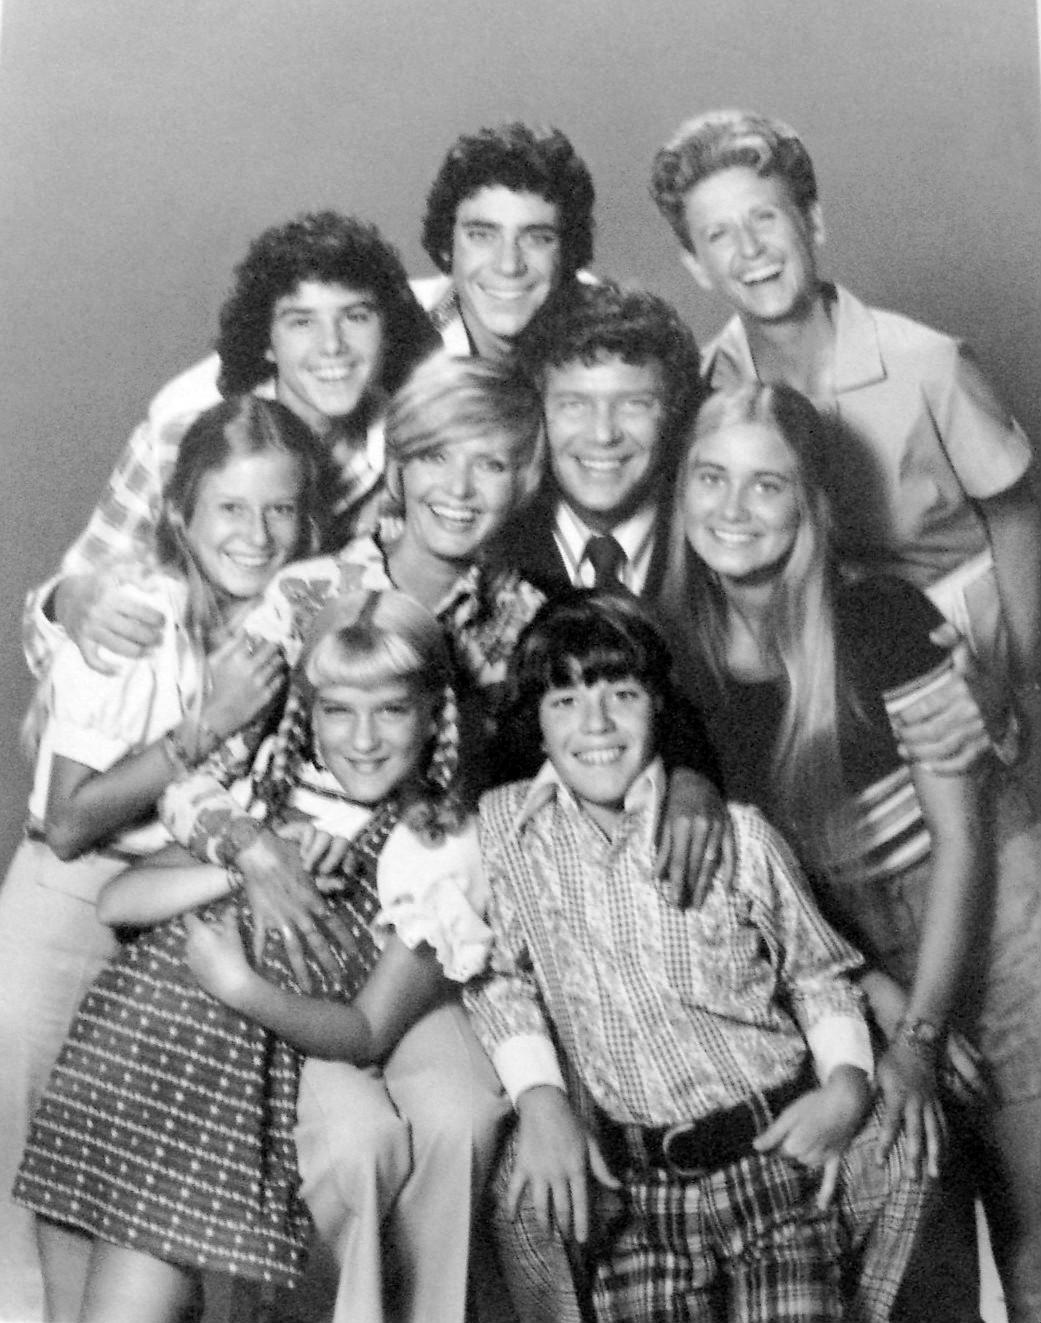 File:Brady Bunch full cast 1973.JPG - Wikimedia Commons